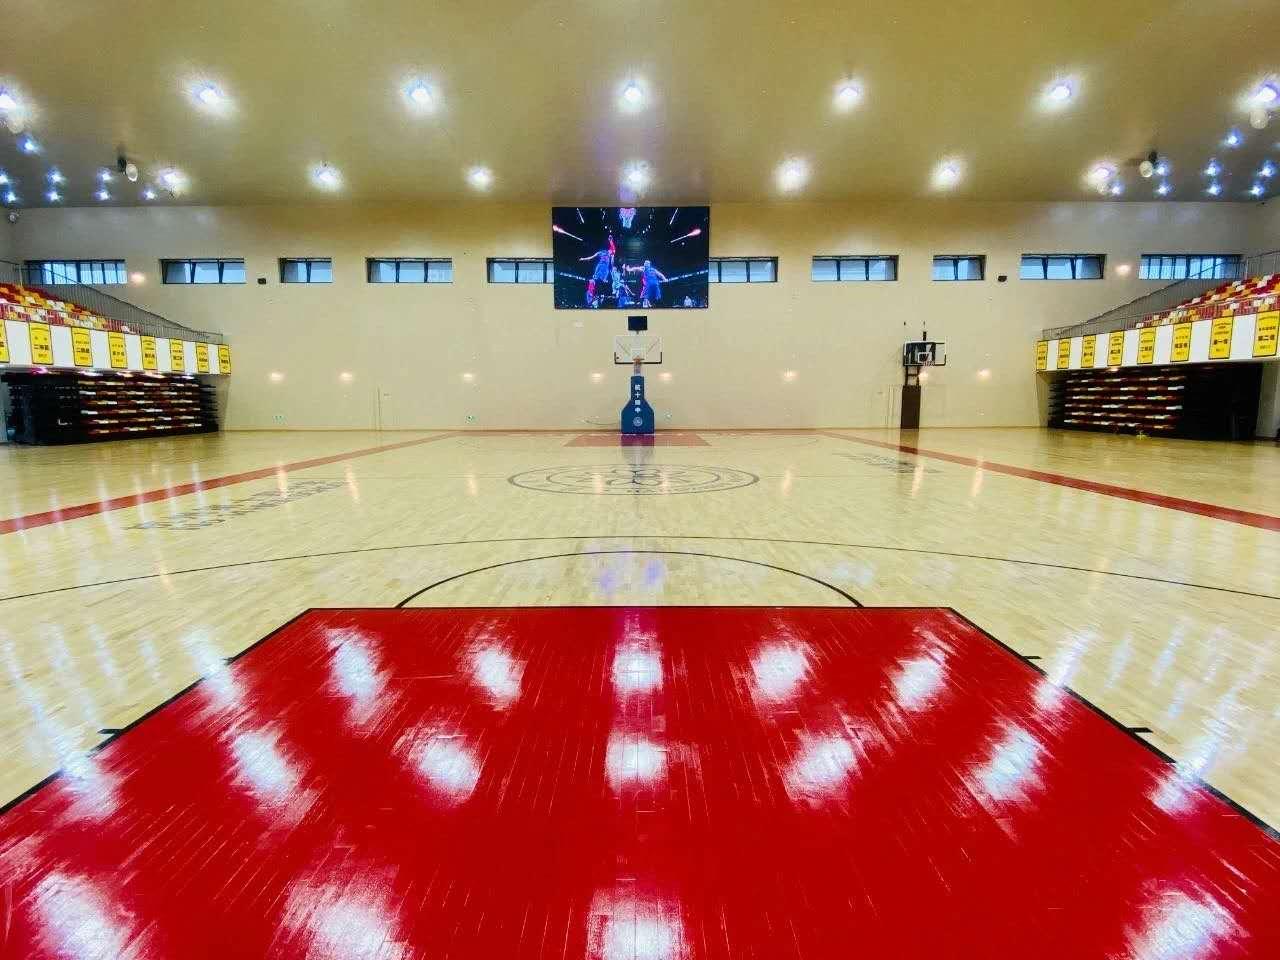 摩雅木地板翻新维修旧木地板/打磨上漆打油保养